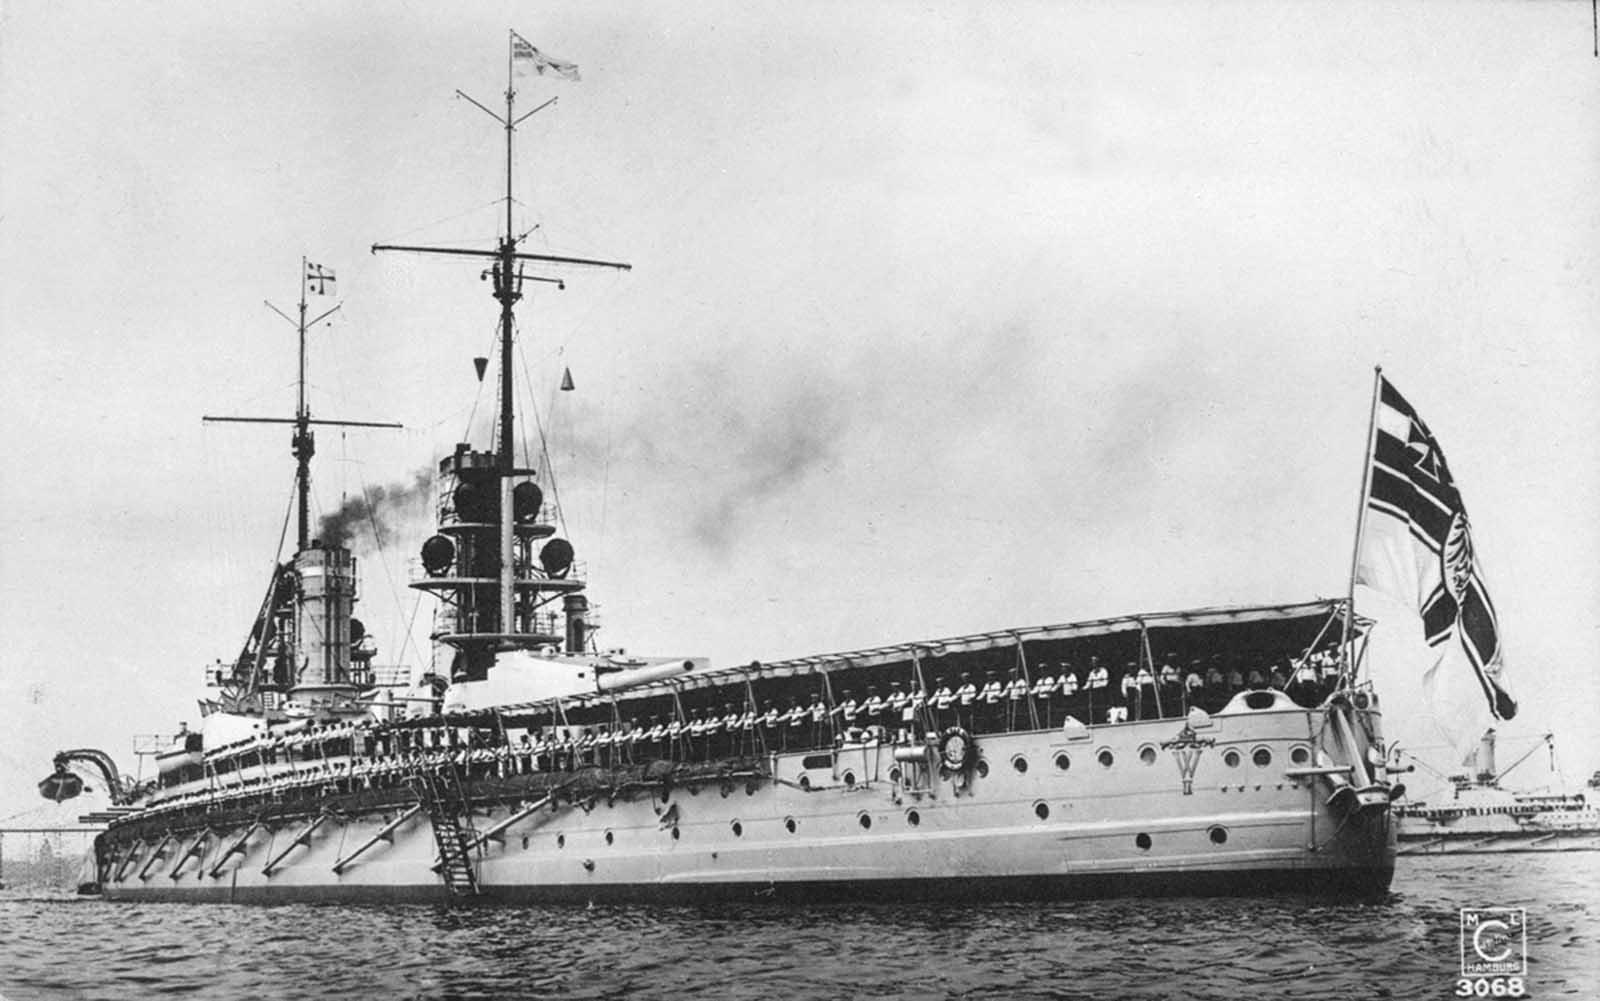 El acorazado alemán SMS Kaiser en el desfile de Kaiser Wilhelm II en Kiel, Alemania, alrededor de 1911-14.